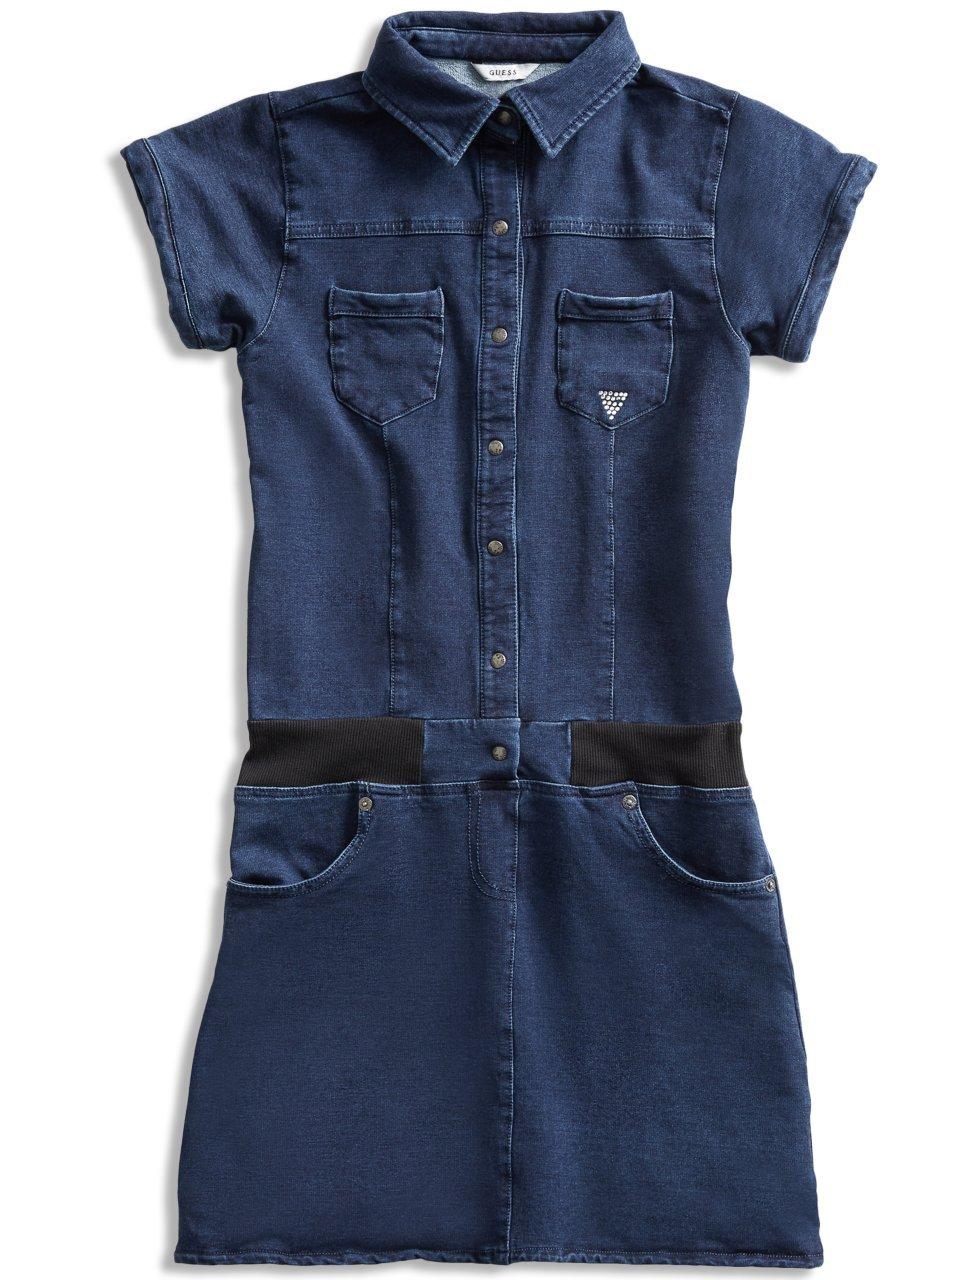 GUESS Short-Sleeve Denim Dress (7-16)